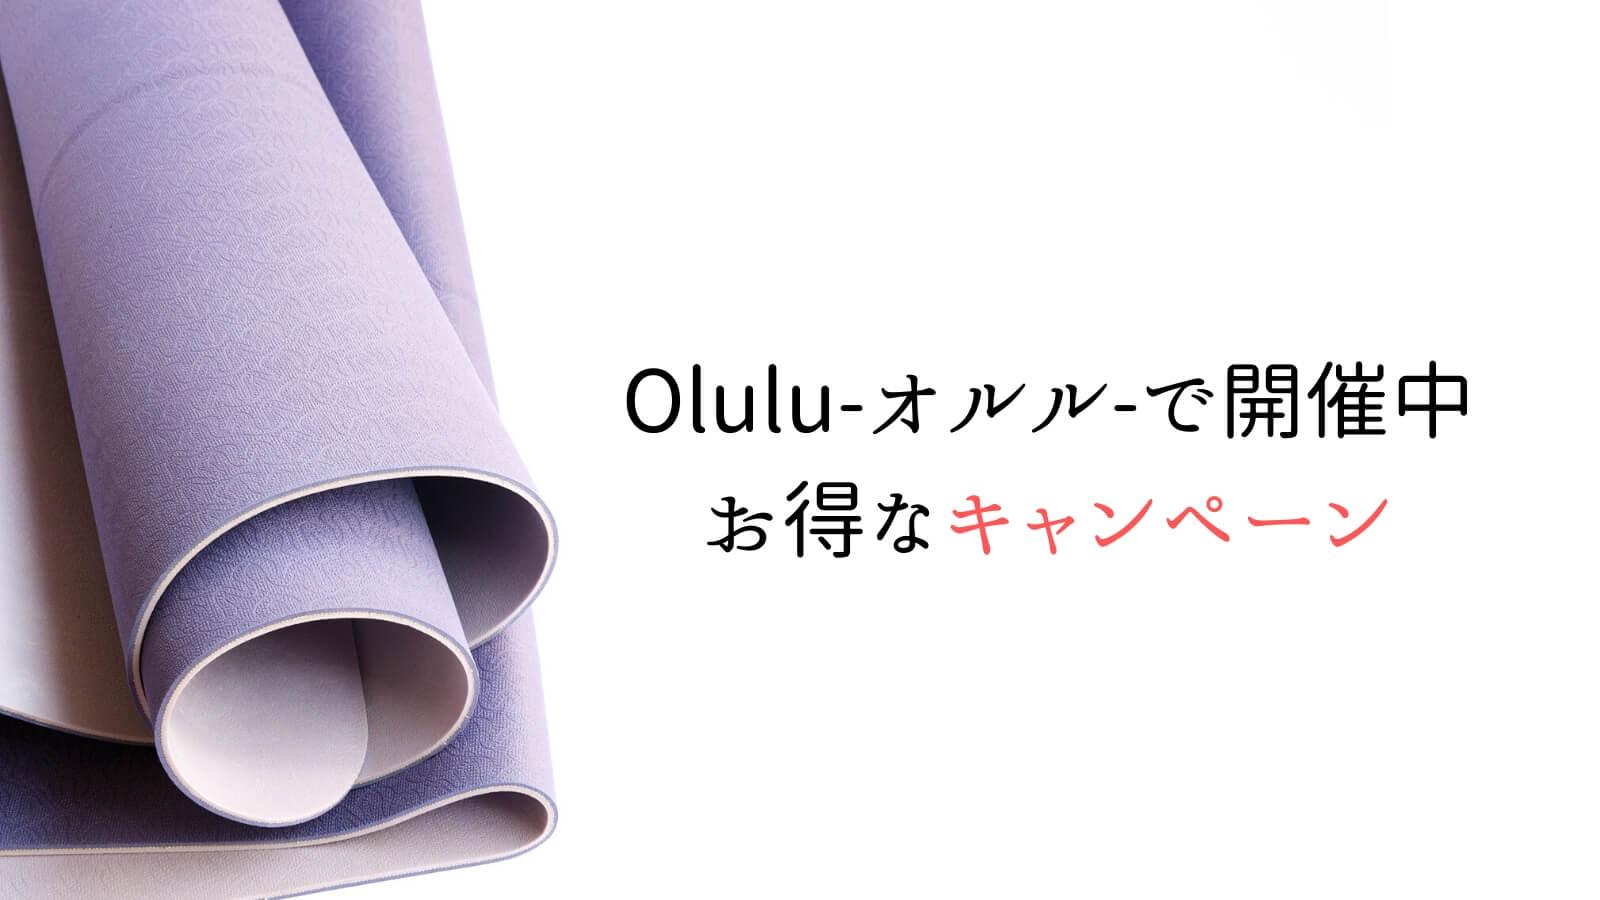 Olulu-オルル-で開催中のお得なキャンペーン